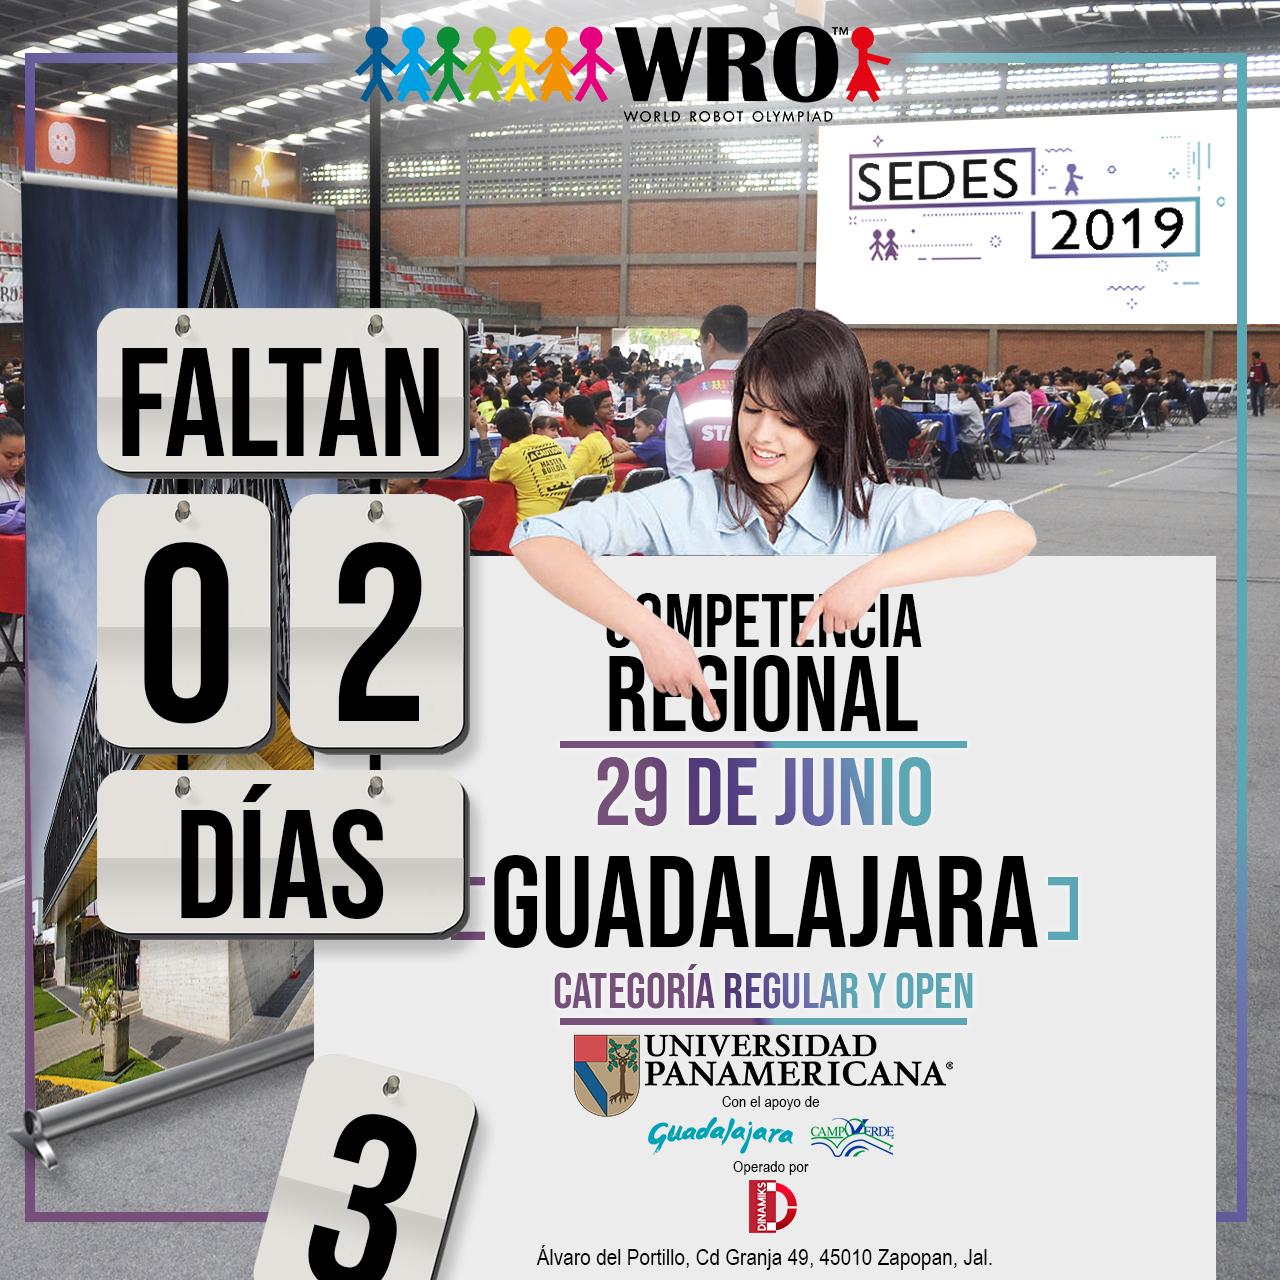 WRO México | Faltan 2 días Sede Guadalajara